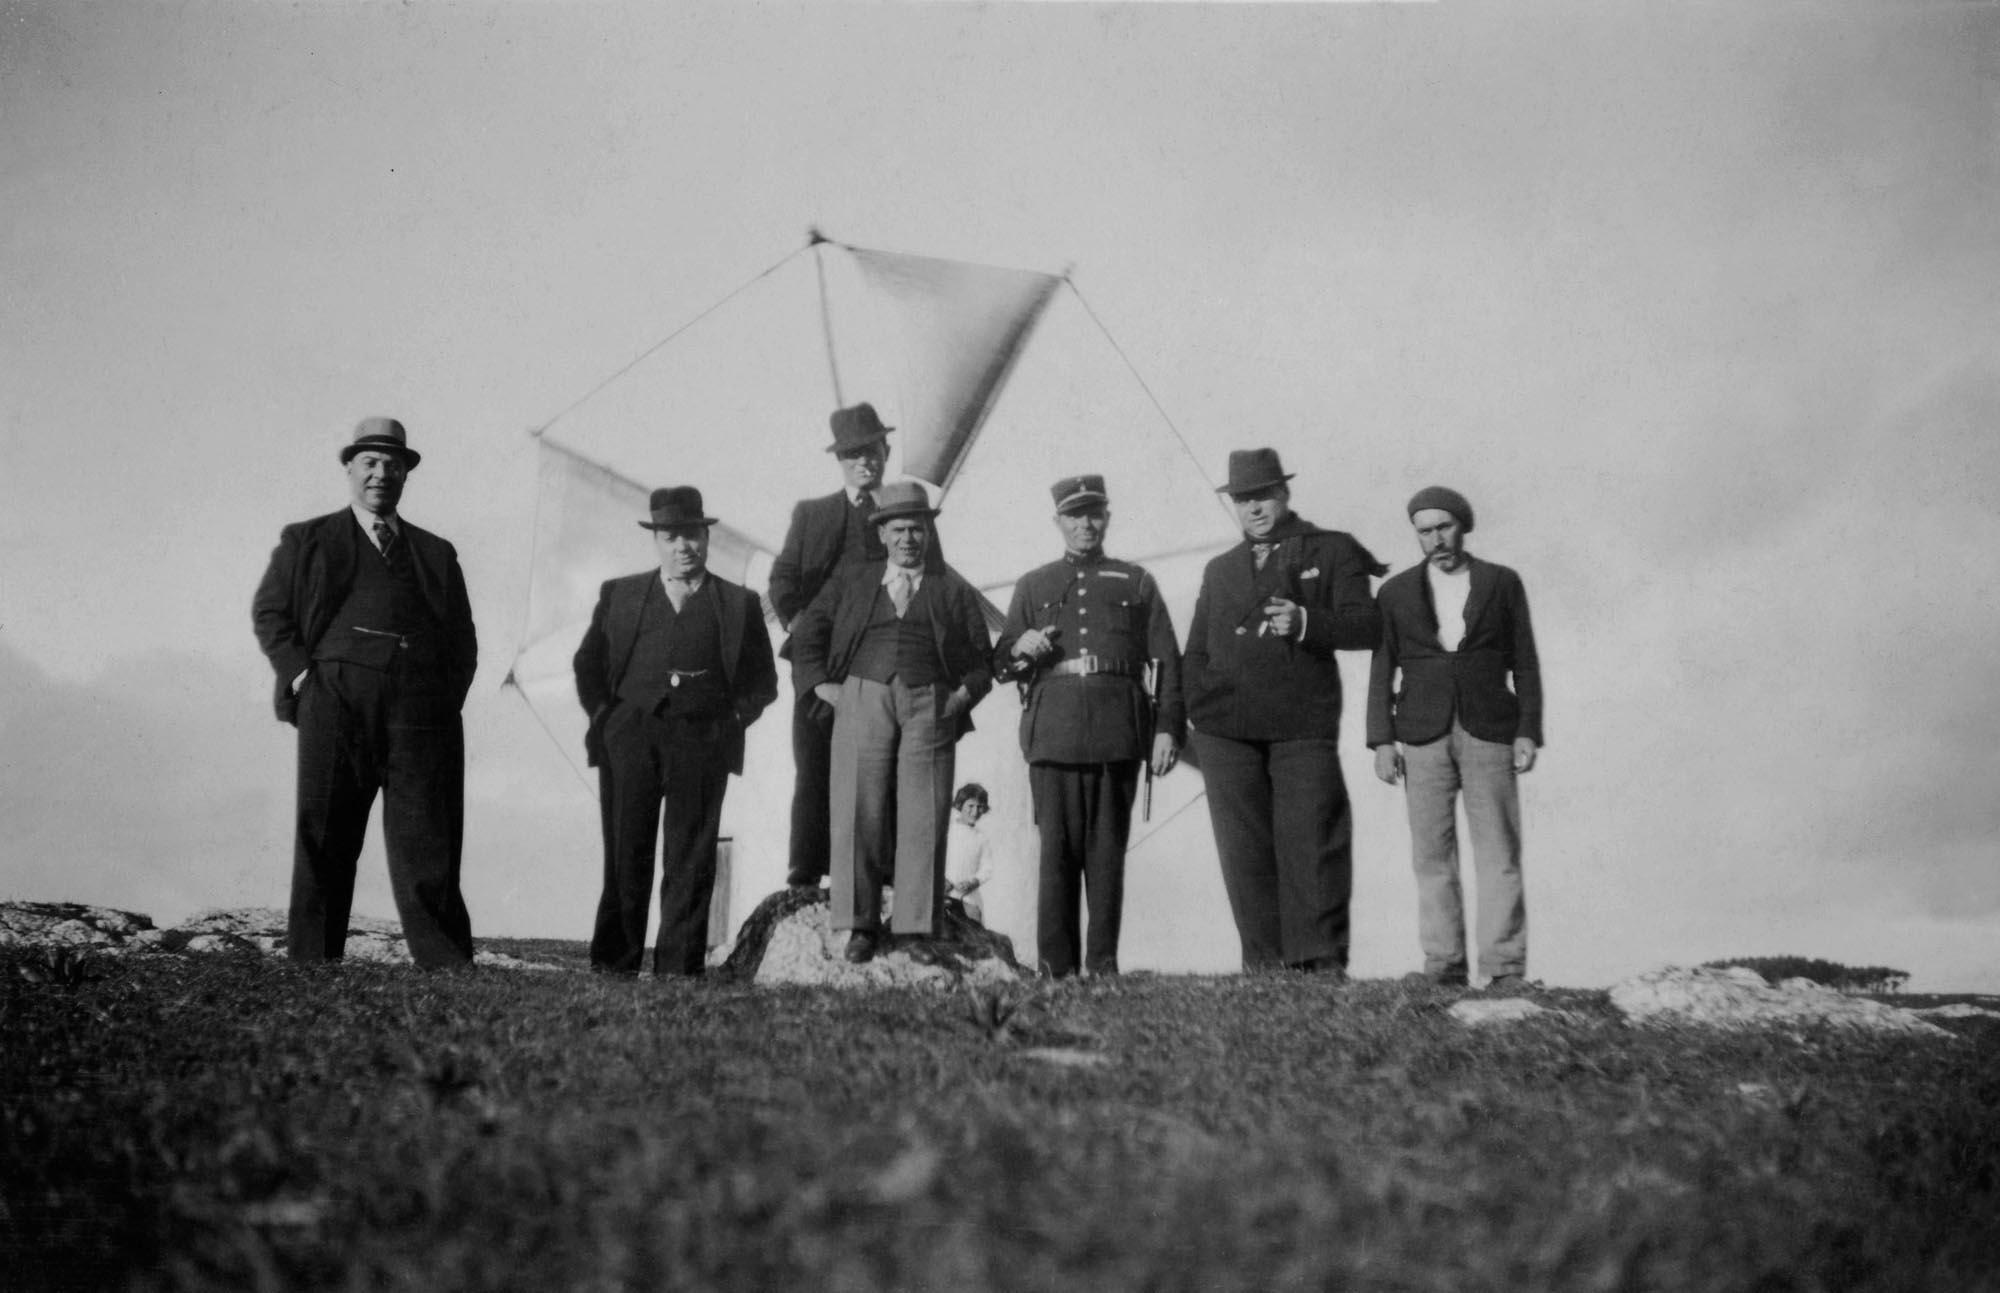 Windmill Appreciation Society, Somewhere in Portugal, circa 1930's